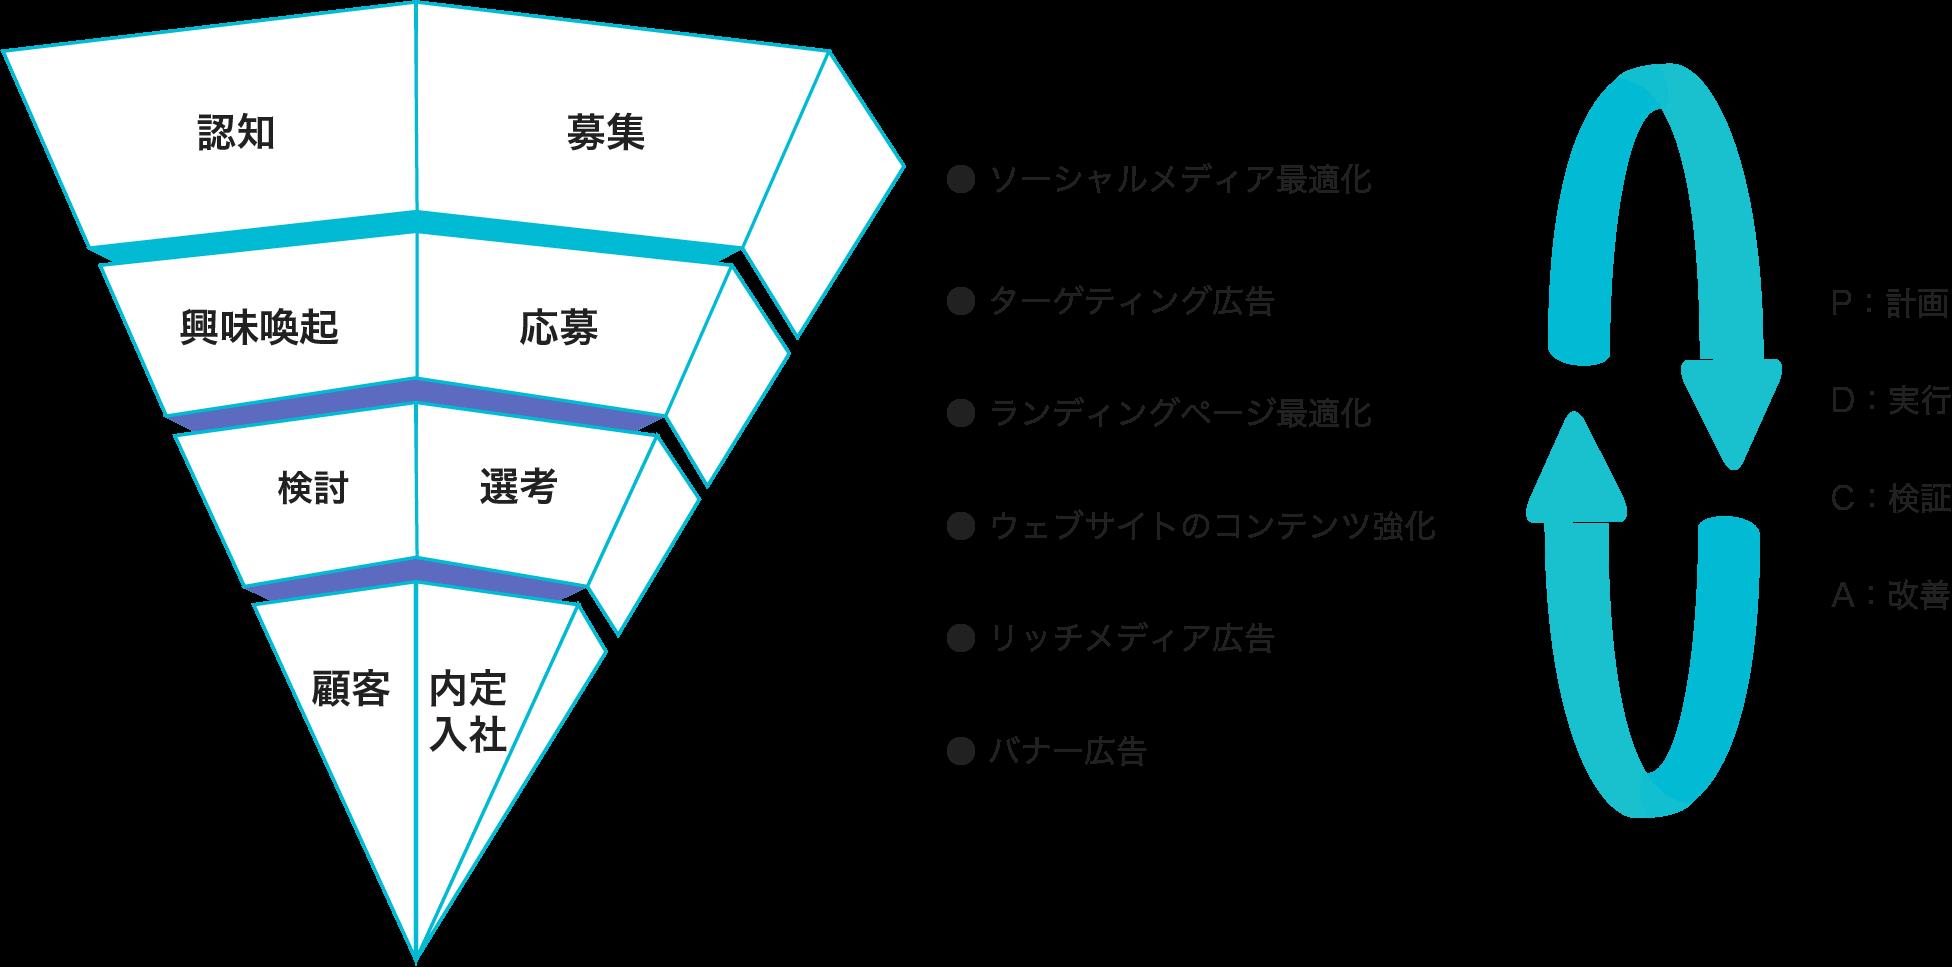 イメージ図:求職者行動に基づくプランニングとオペレーション